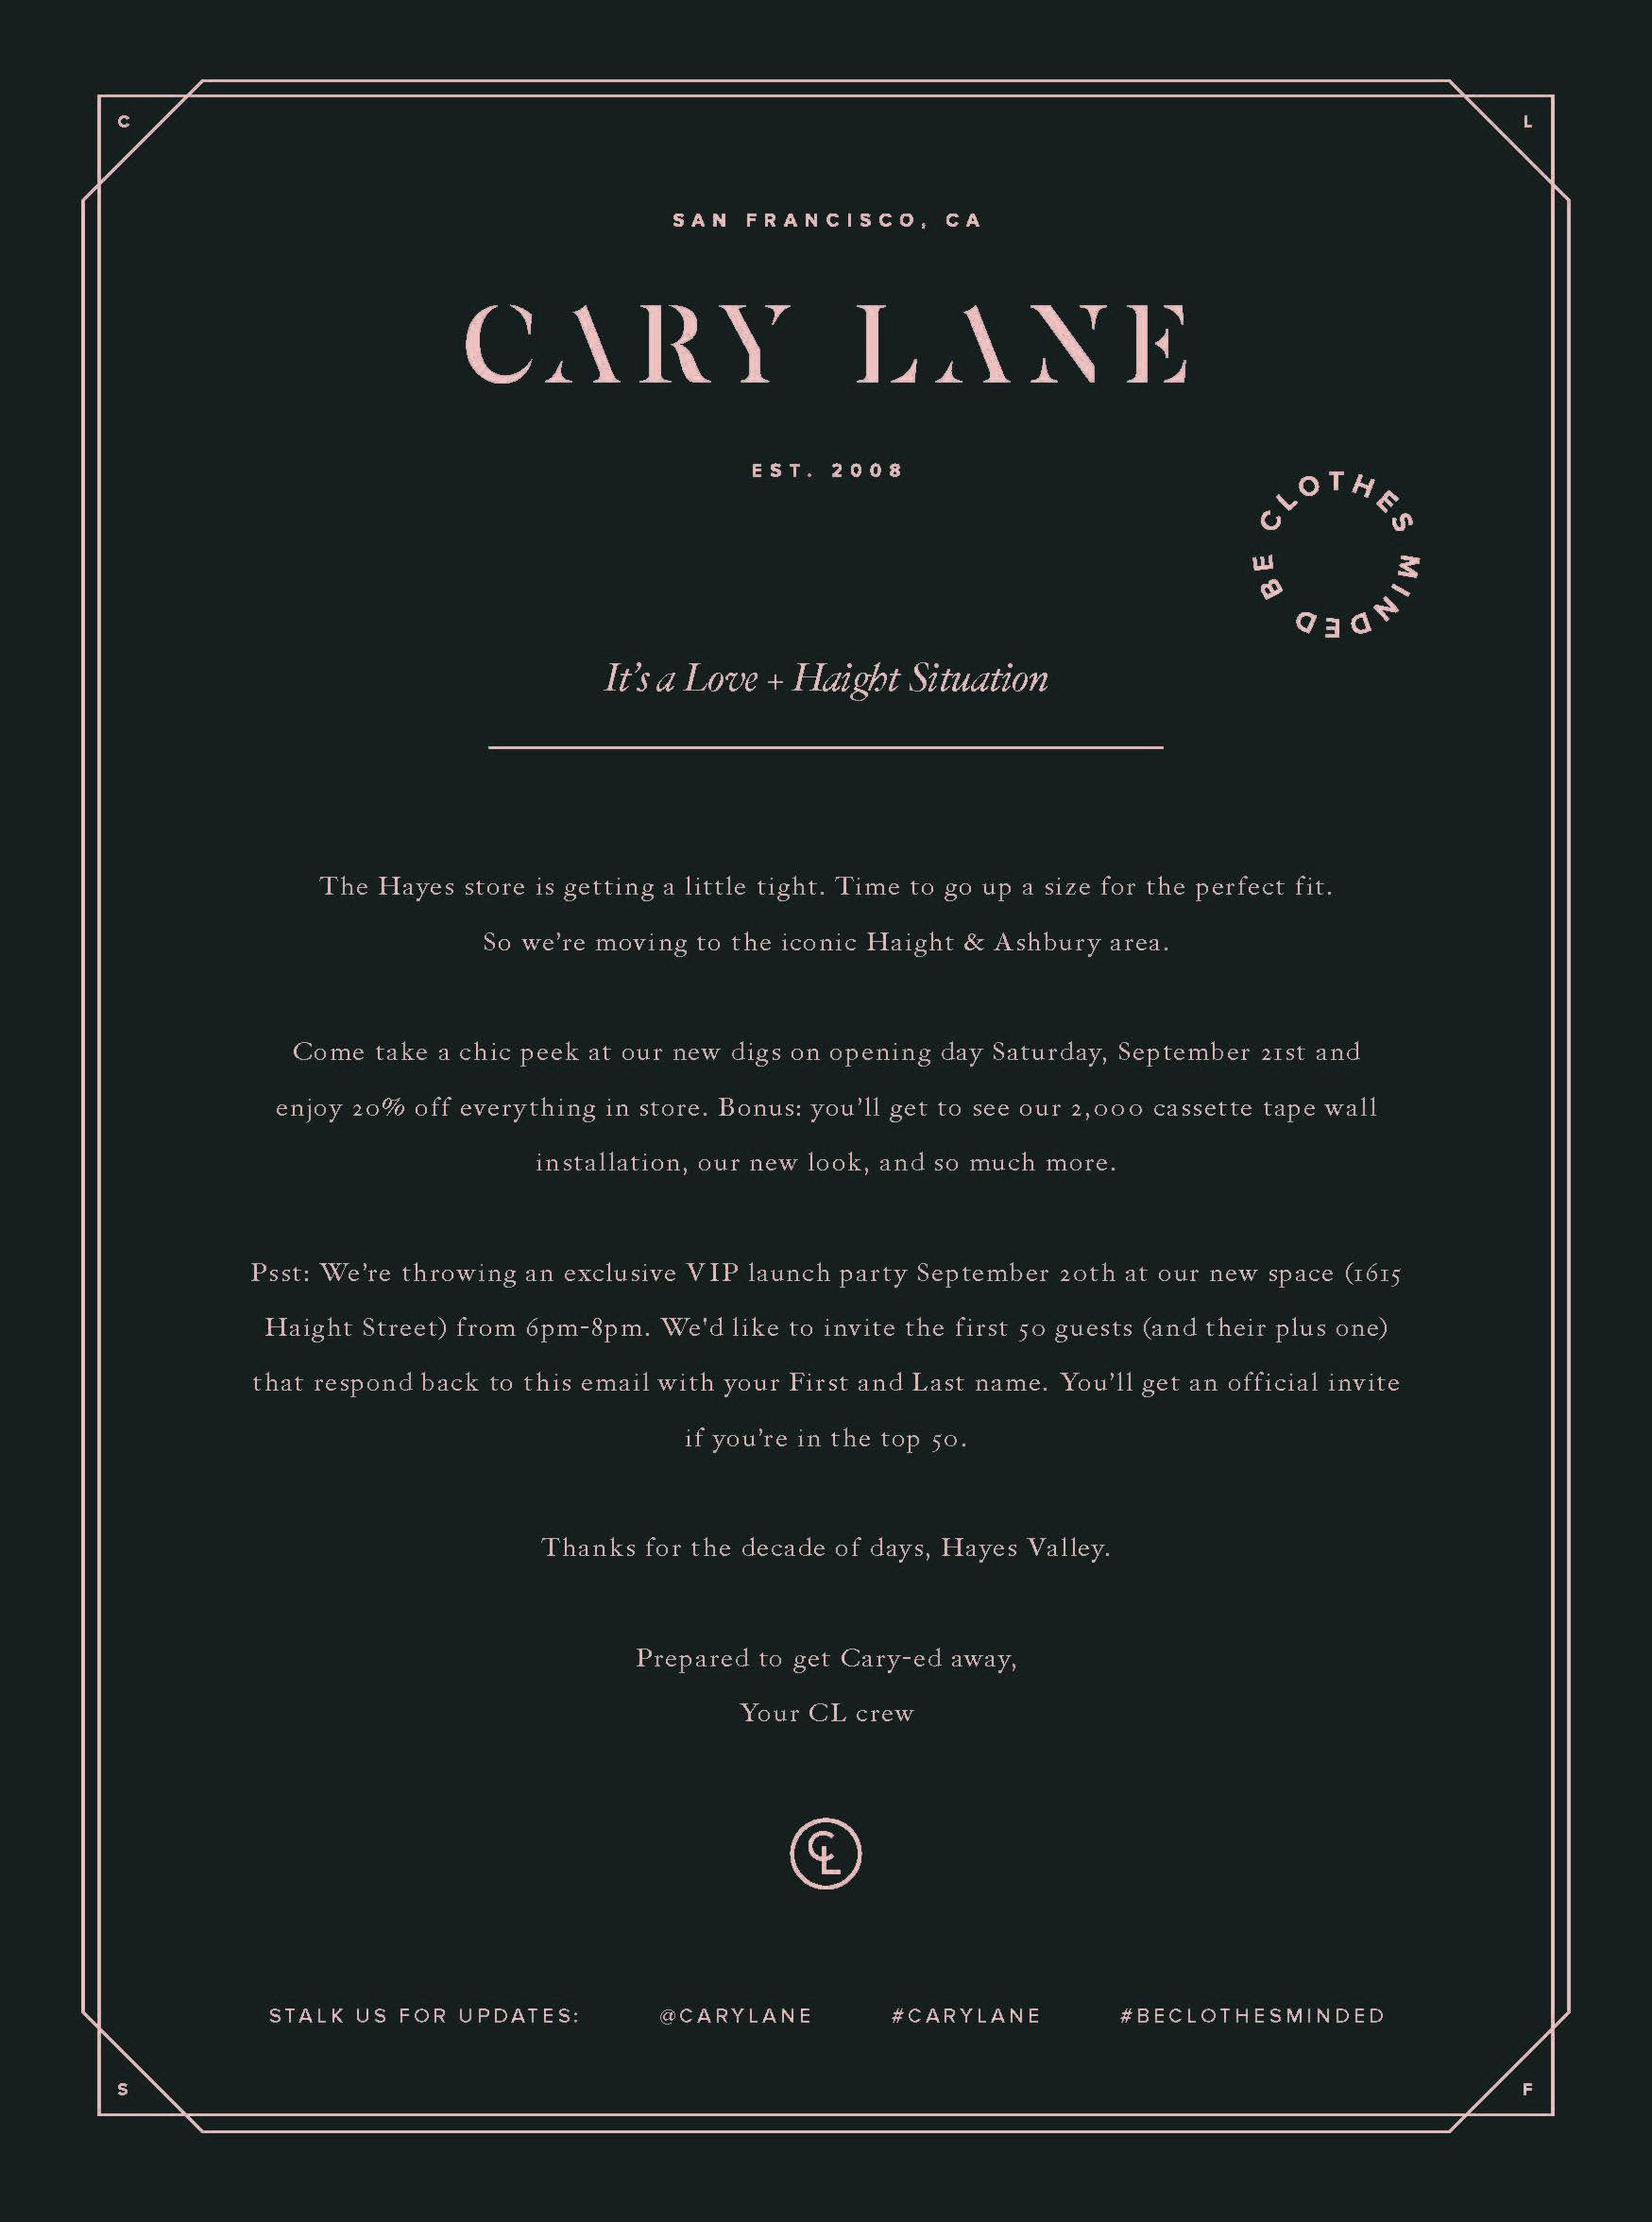 CaryLane_Newsletter.jpg